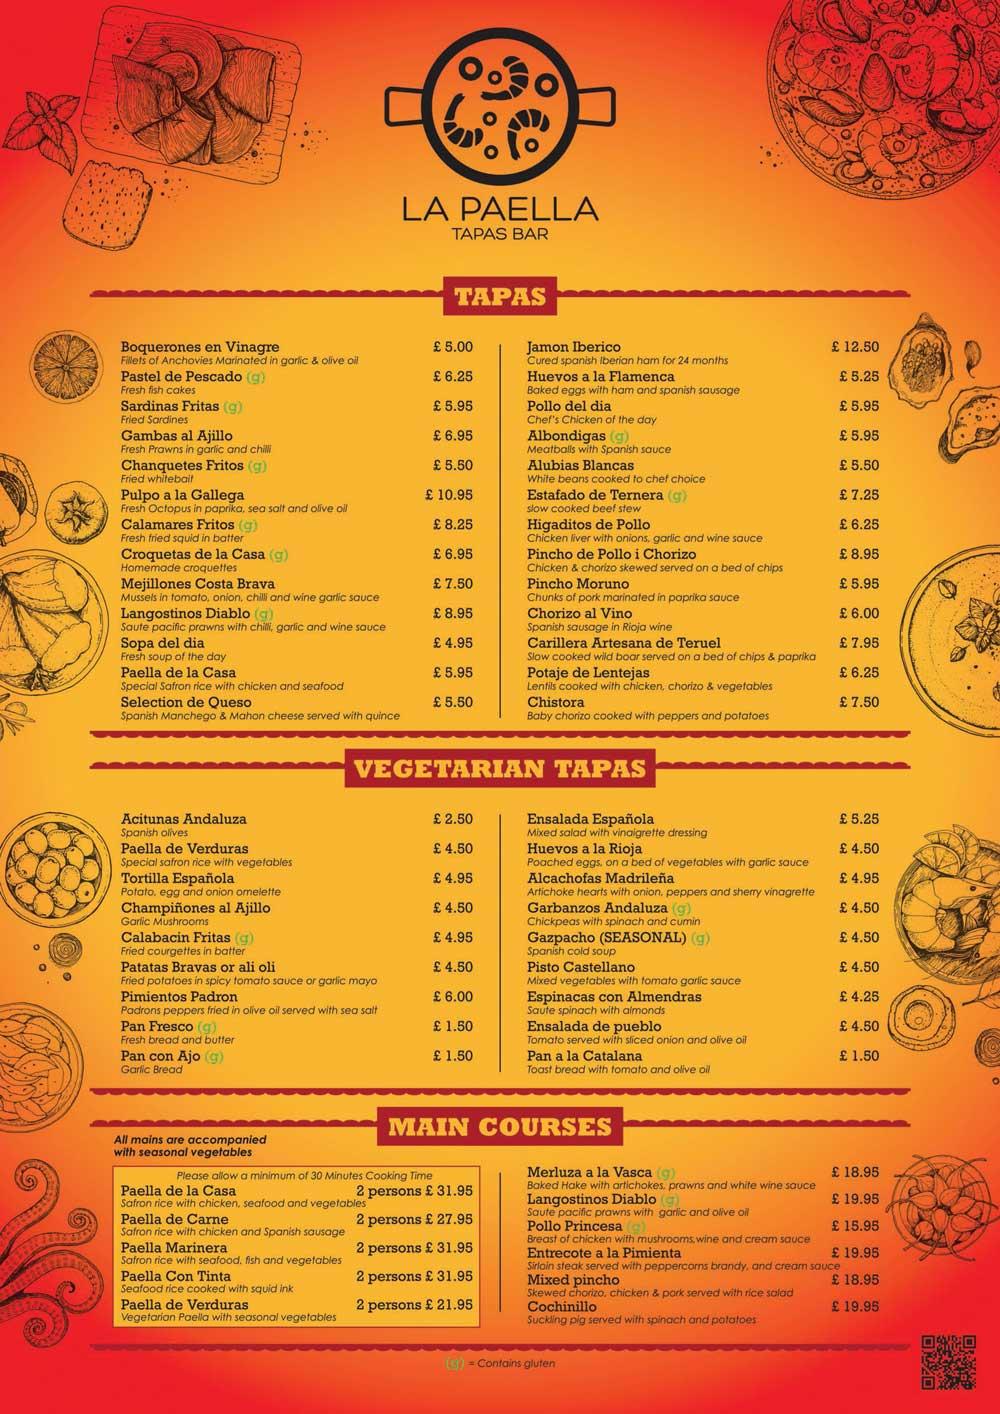 la-paella-tapas-bar-london-menu-2021